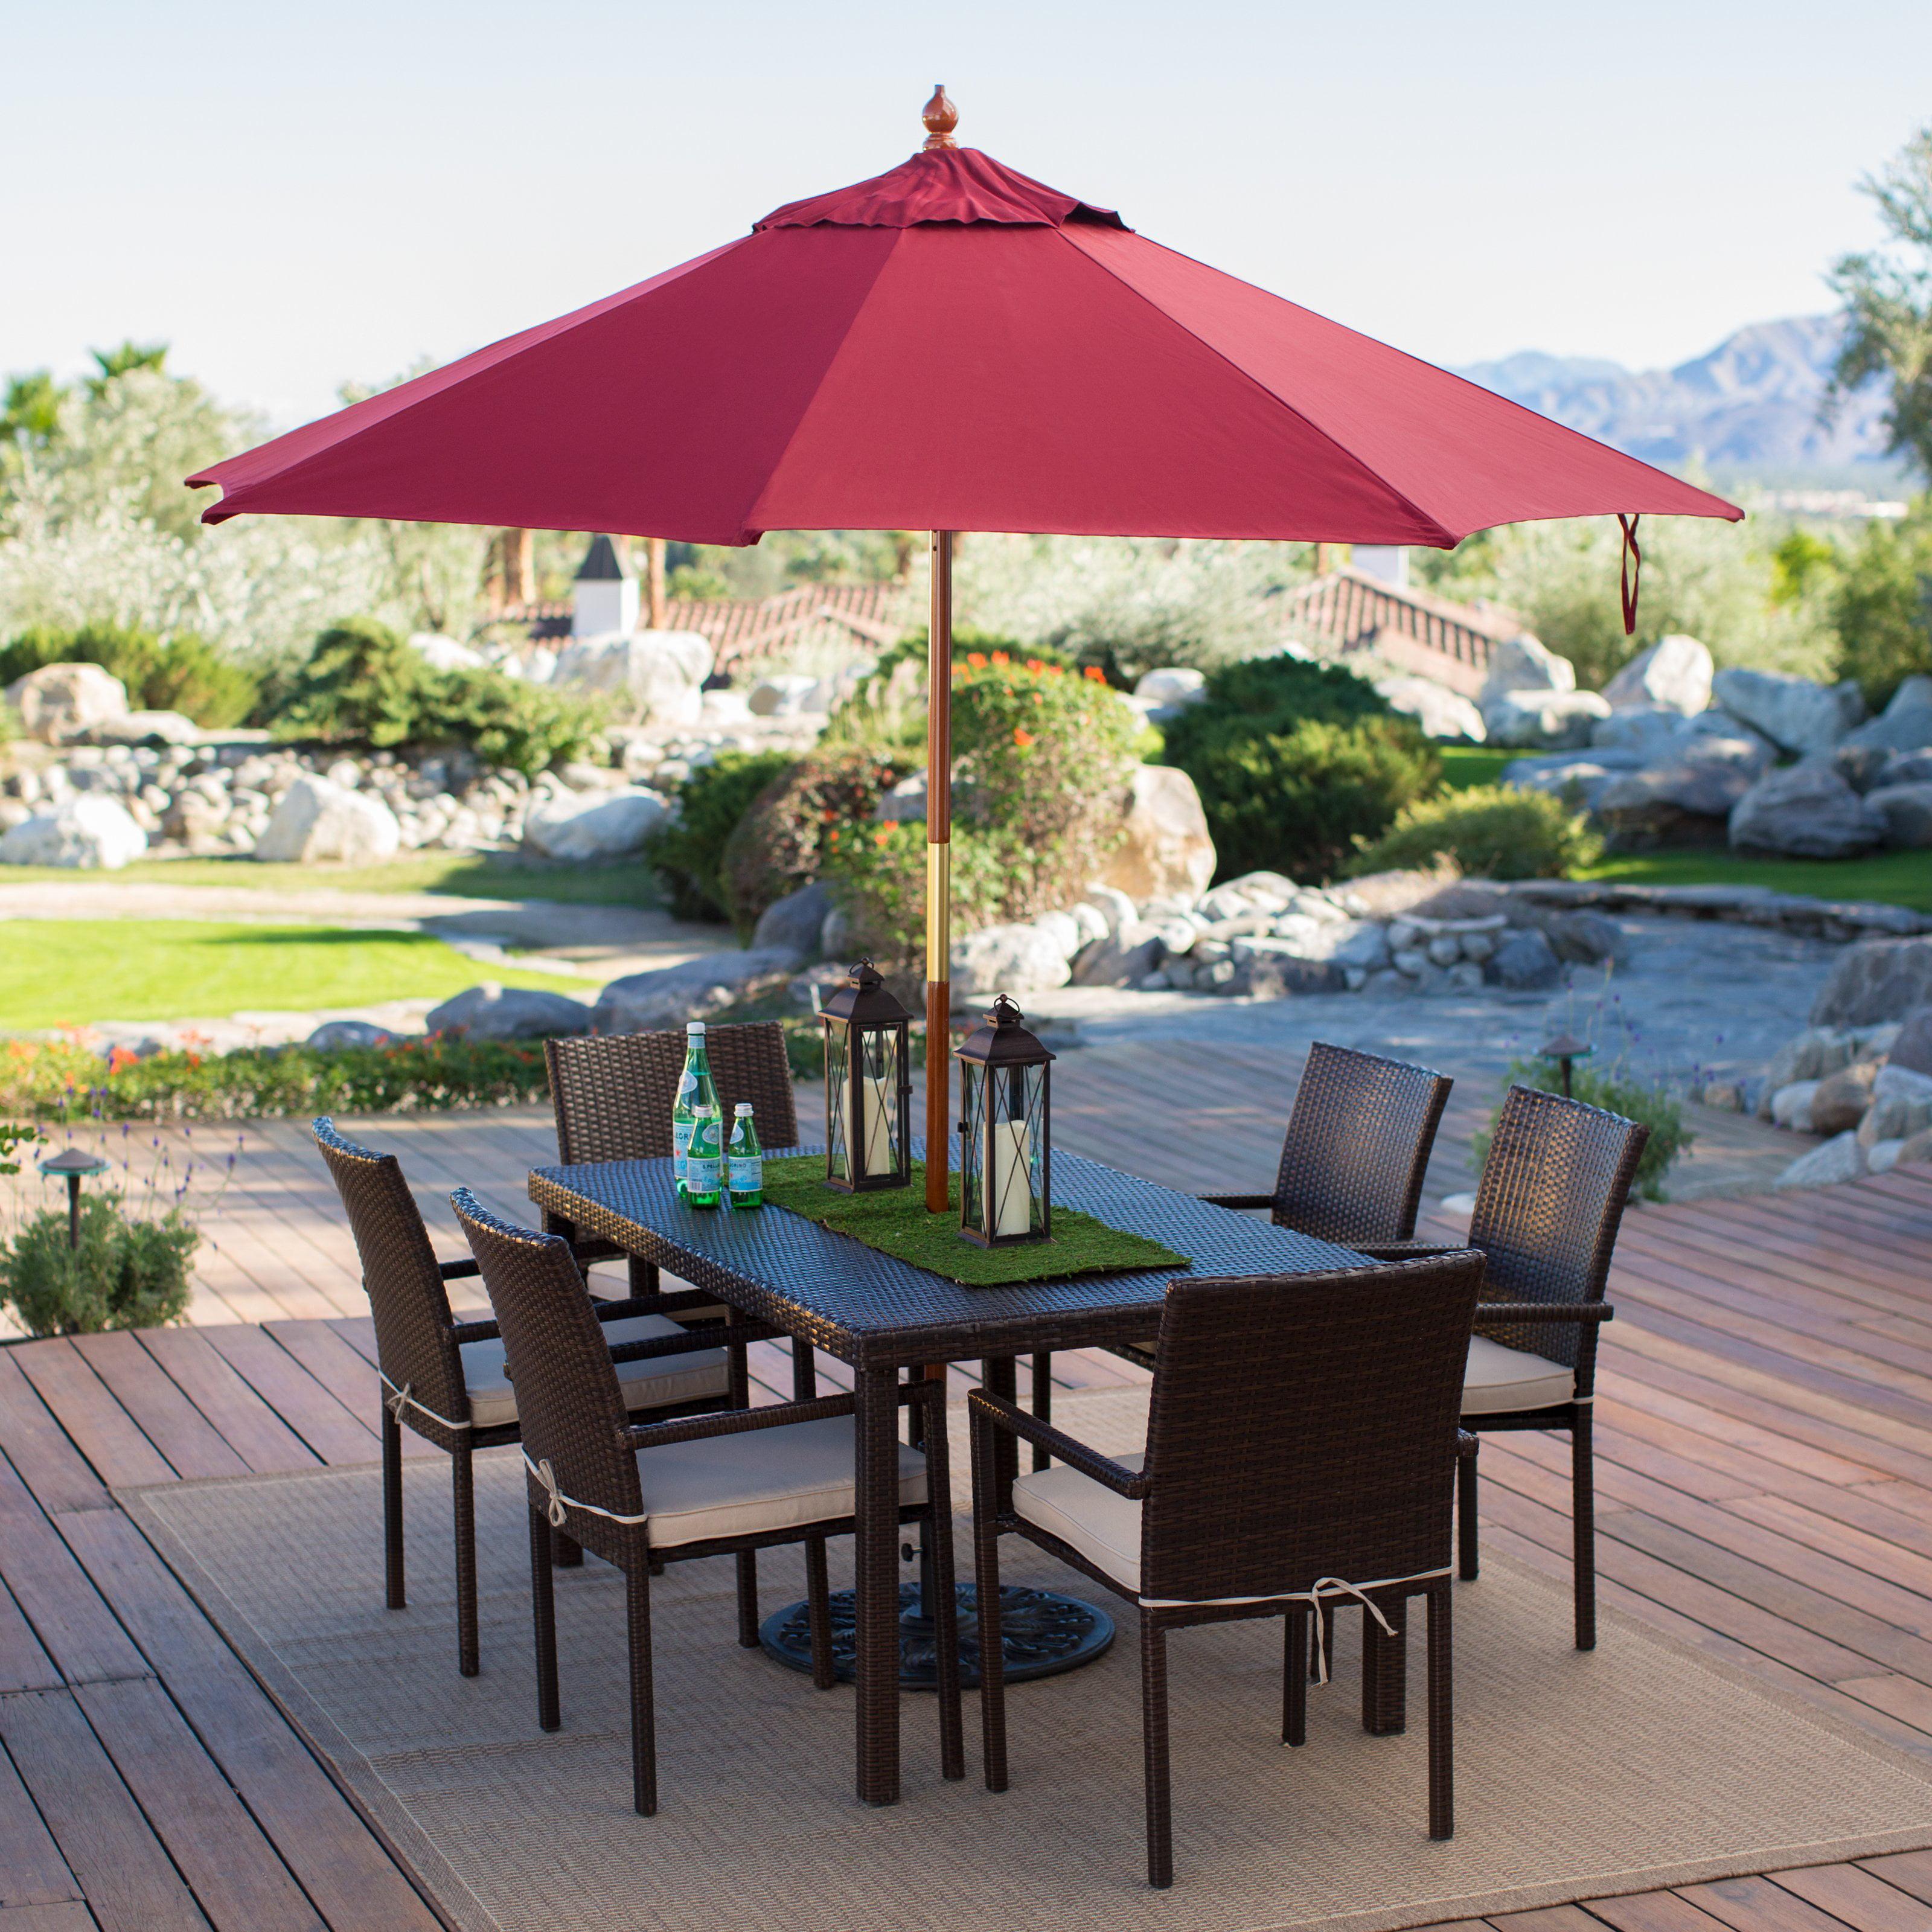 Wood Commercial Grade Sunbrella Market Umbrella